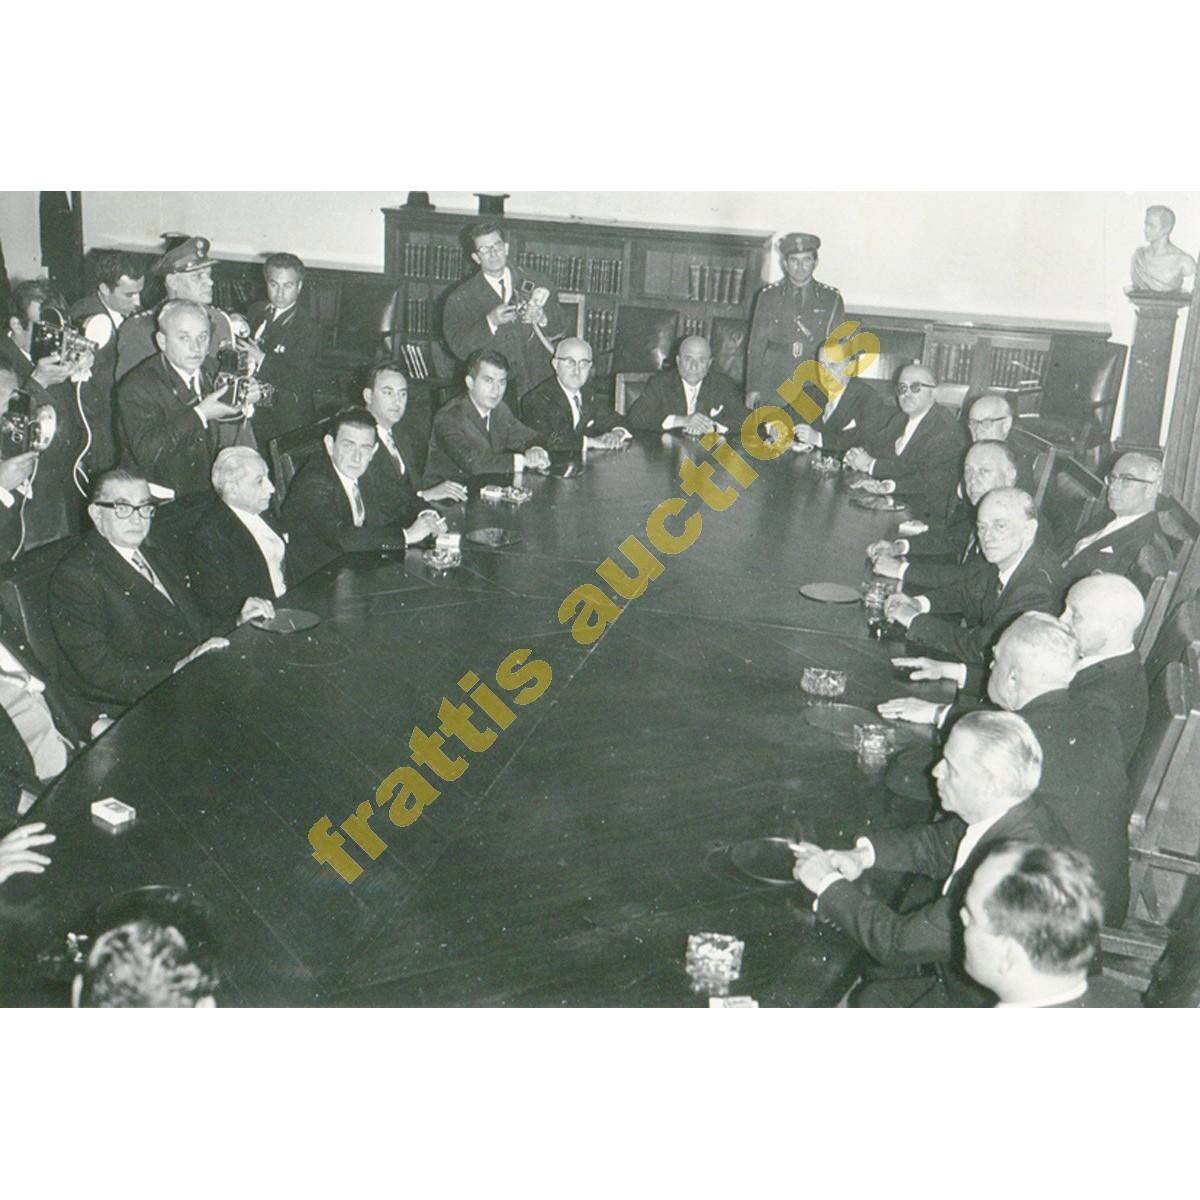 ΚΑΝΕΛΛΟΠΟΥΛΟΣ ΠΑΝ/ΤΗΣ, ΚΥΒΕΡΝΗΣΗ 1967